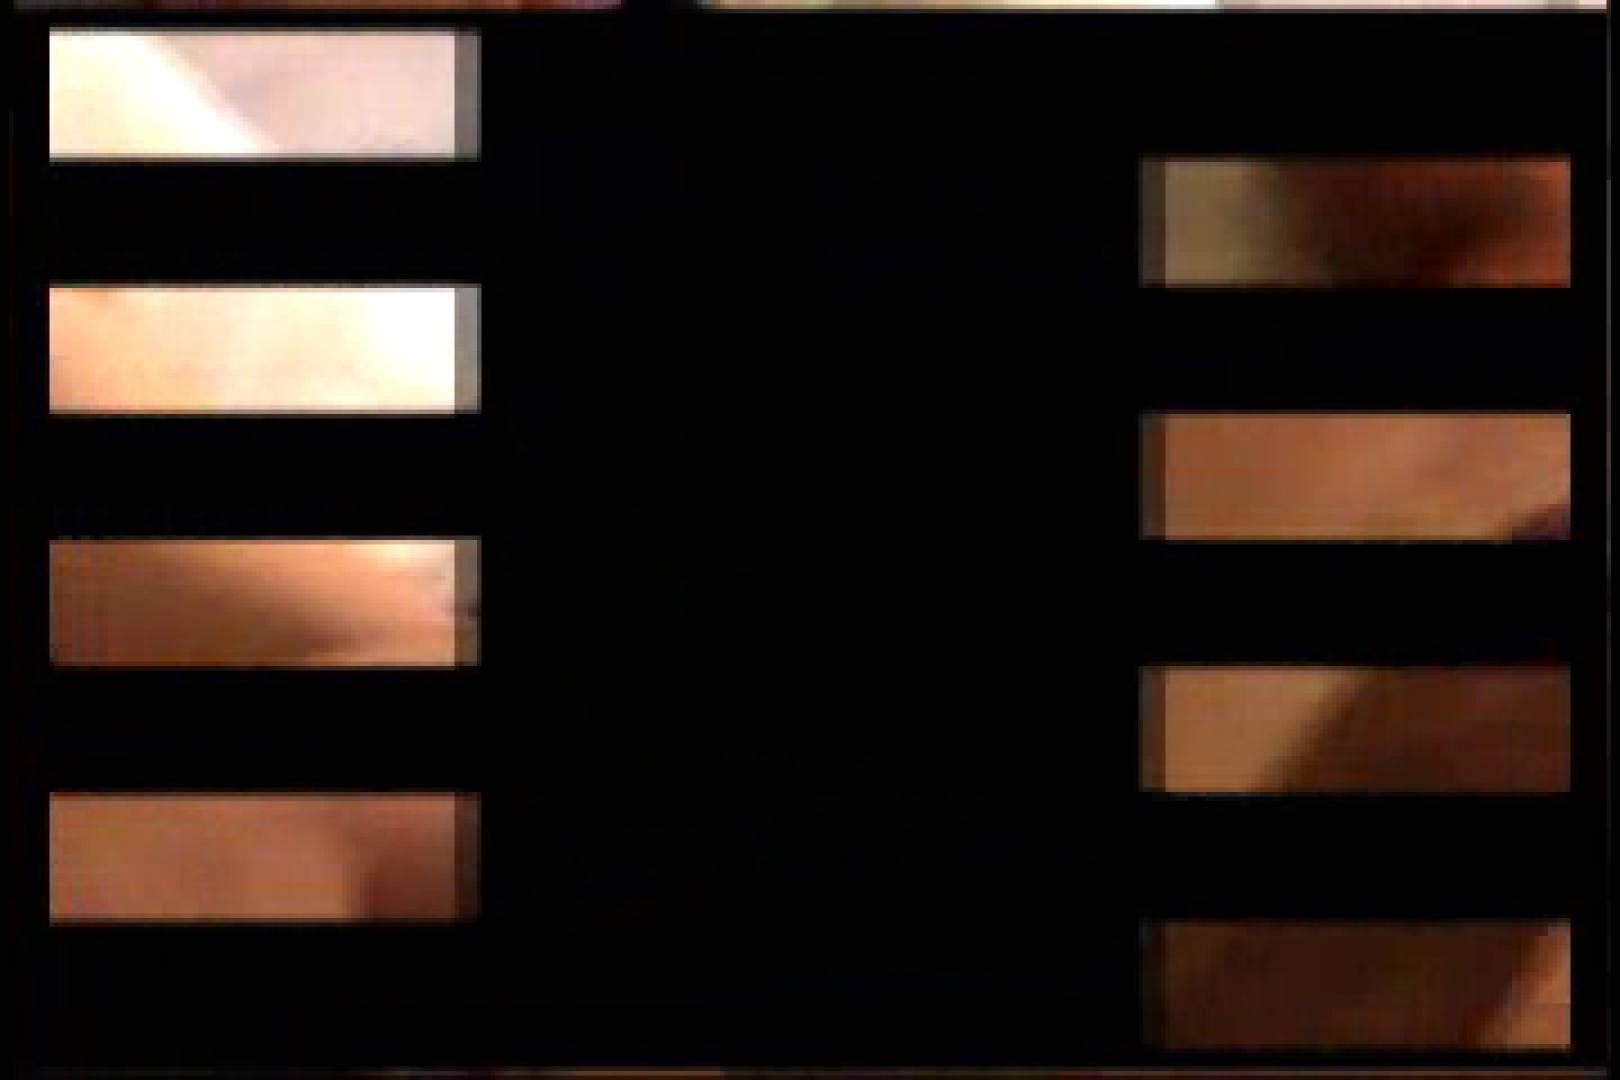 三ツ星シリーズ!!陰間茶屋独占!!第二弾!!イケメン羞恥心File.05 モ無し エロビデオ紹介 77枚 53